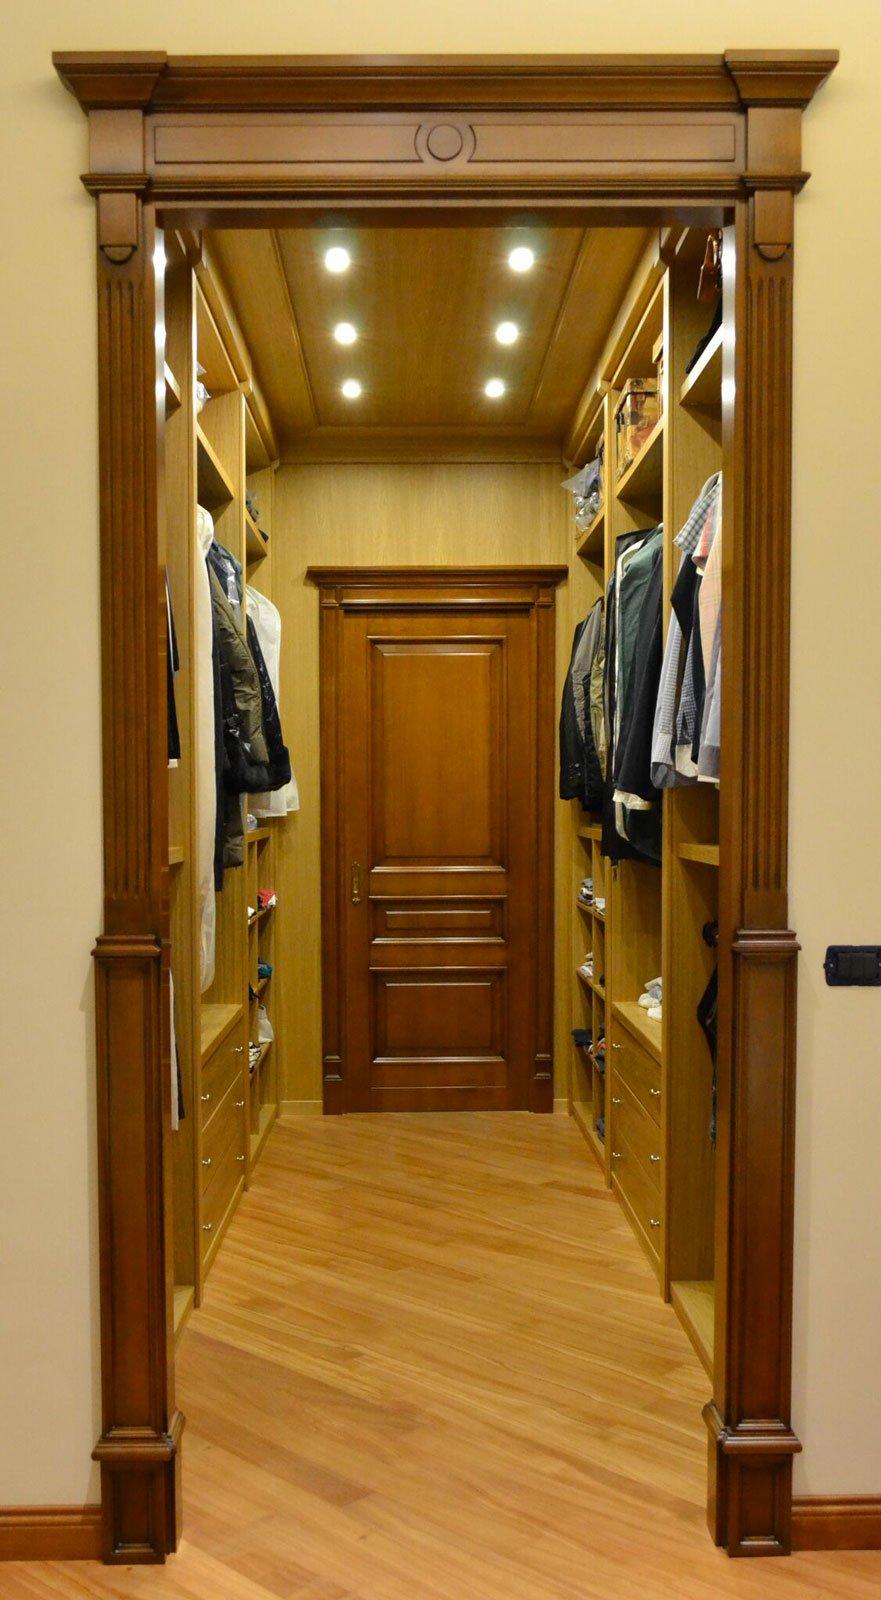 Cabina Armadio Angolare Ciliegio.Cabina Armadio In Legno Rovere E Ciliegio Arecodesign Napoli